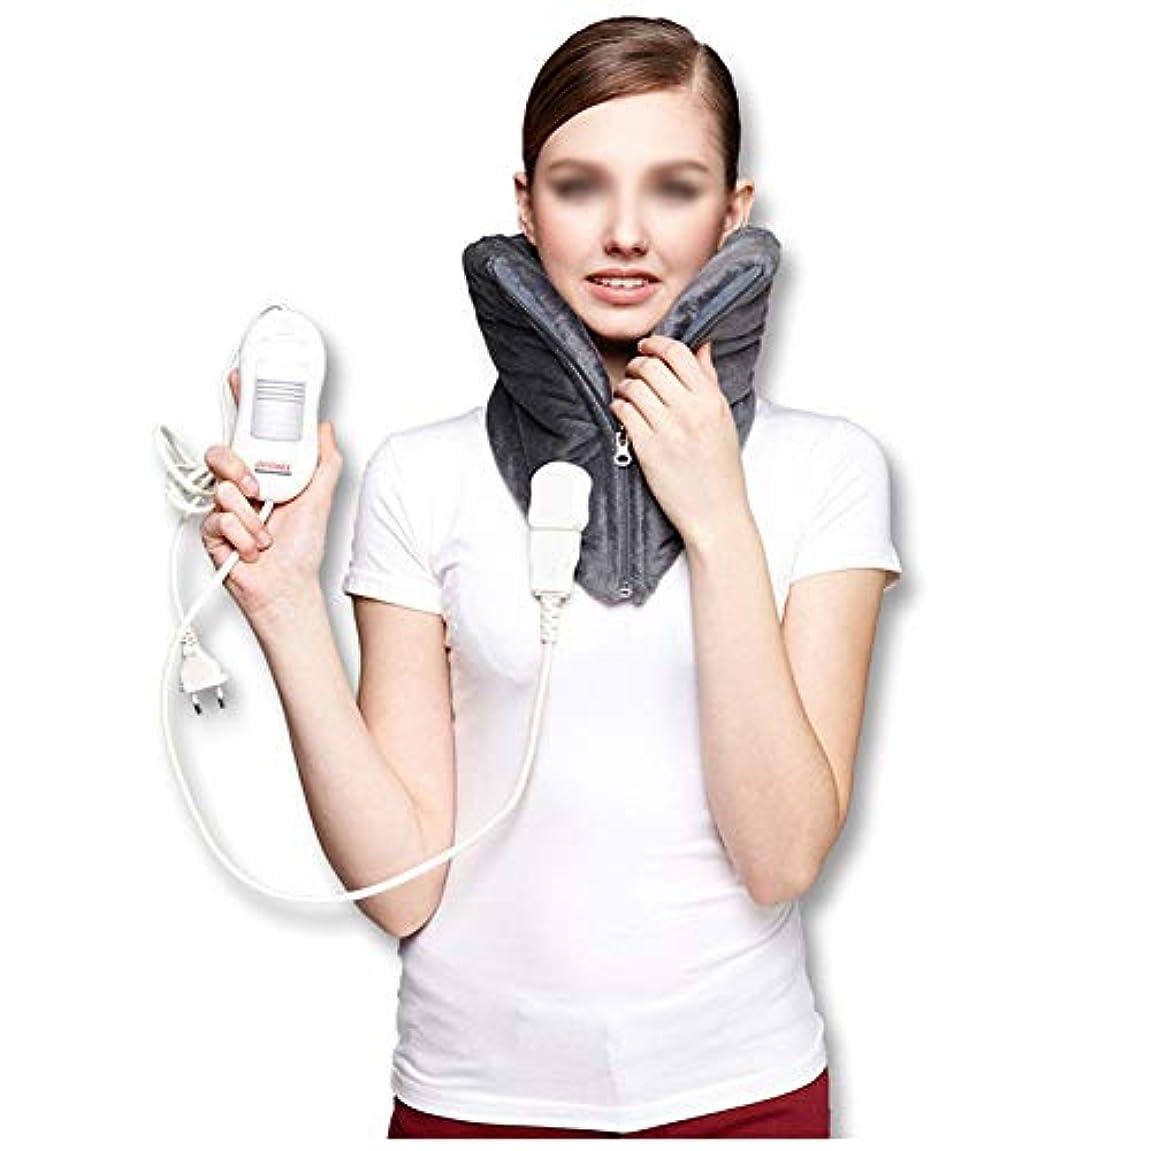 起こりやすいホイッスルあそこ頚部の電気ヒーターパッド - 暖かい頚椎のヒートパッド、自動電源オフ、洗える、3速度一定温度、高齢者の痛みを軽減するマッサージャー